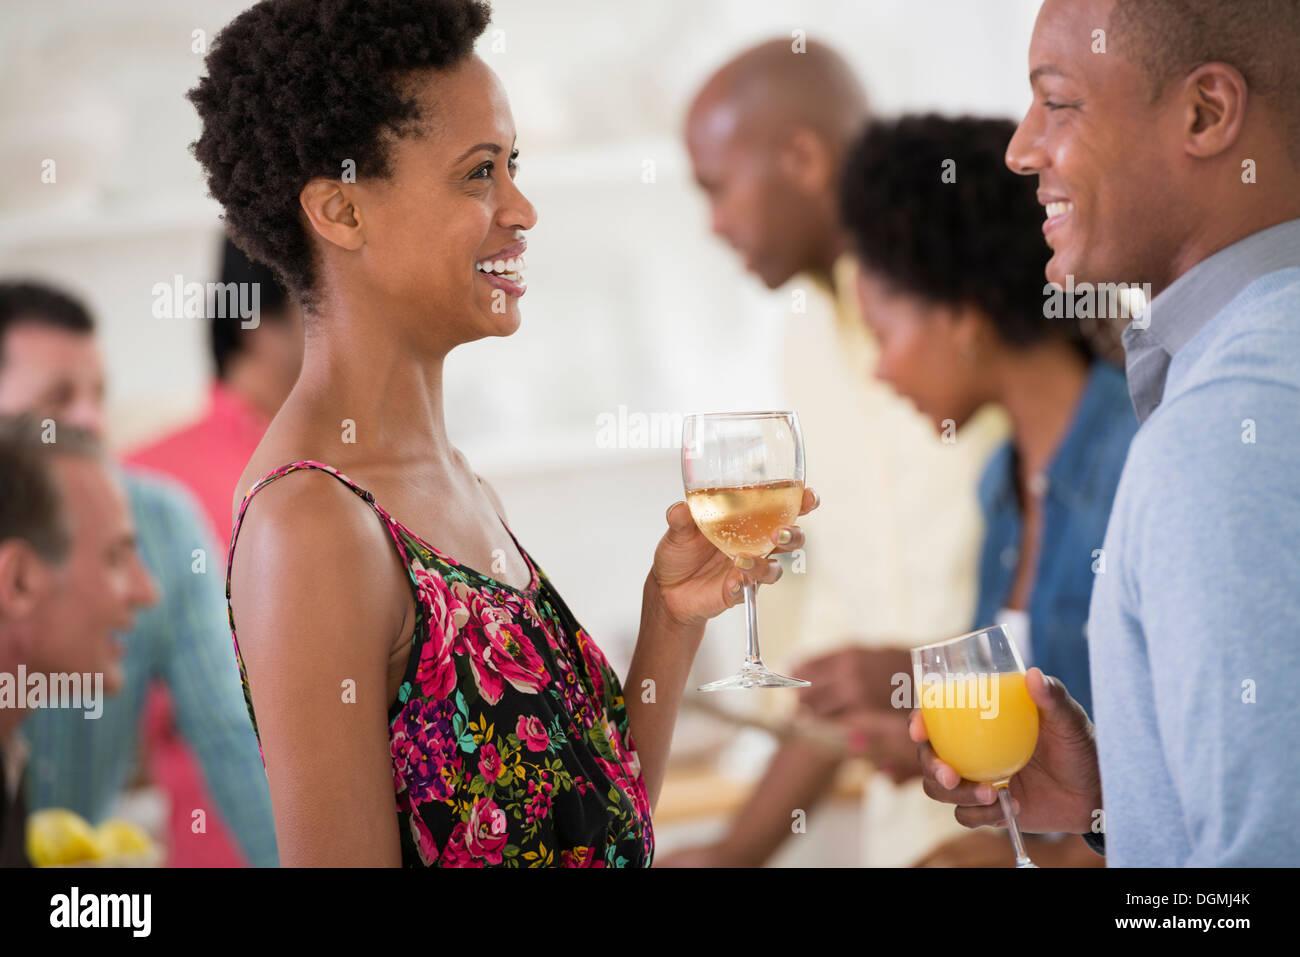 Parti de réseaux informels ou événement. Un homme et une femme, avec une foule autour d'eux. Photo Stock